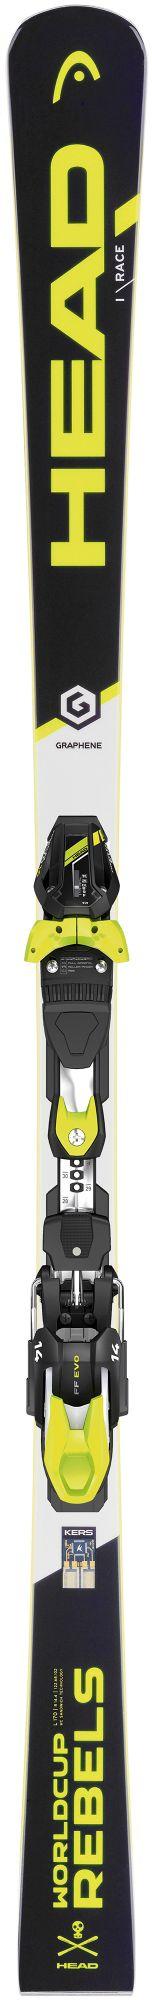 Worldcup Rebels i. Race + Freeflex Evo14 Race Carver mehrfarbig, Größe 175